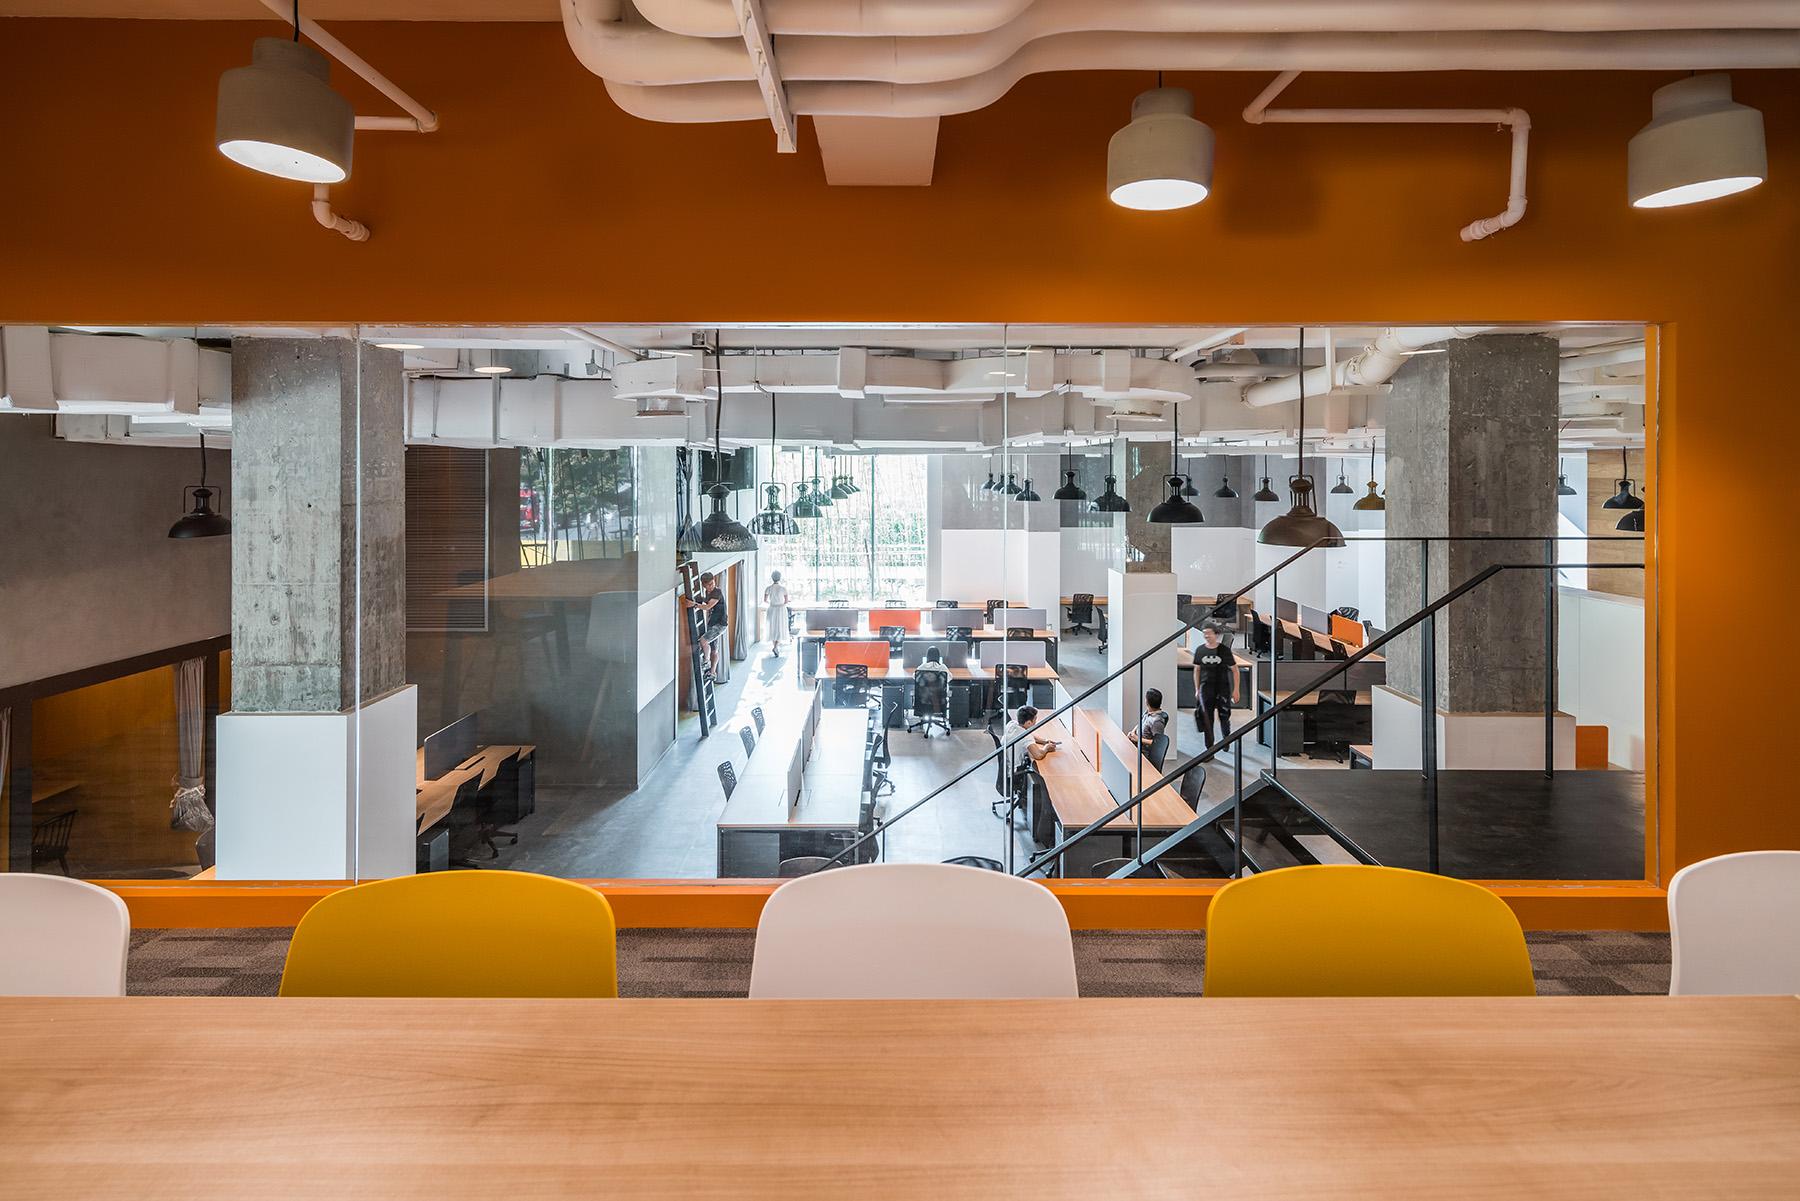 拒绝枯燥乏味!打造全新办公空间,给你家的温暖!|Gensler - 10